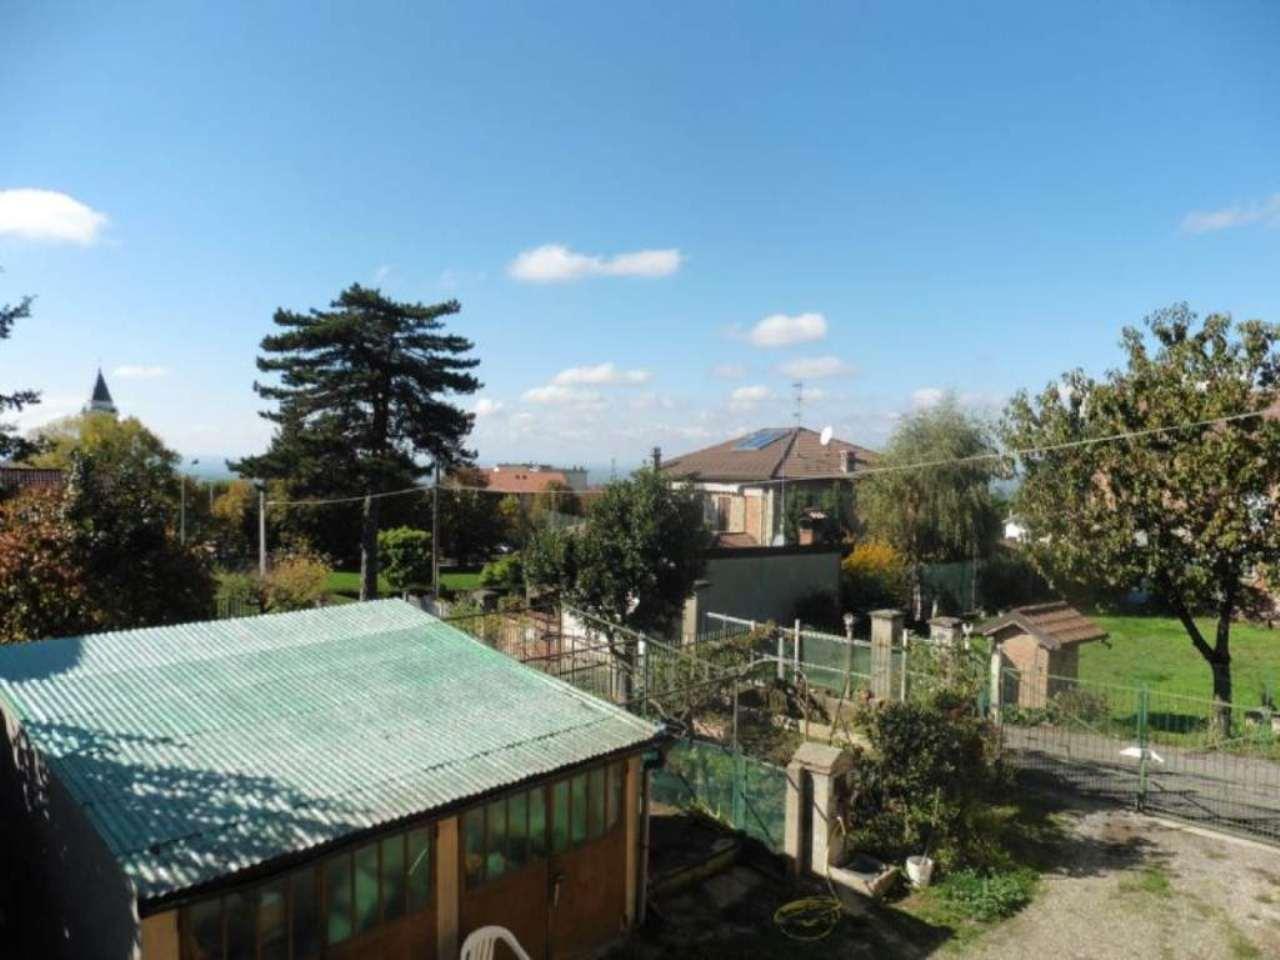 Rustico / Casale in vendita a Sant'Agata Fossili, 5 locali, prezzo € 60.000 | CambioCasa.it